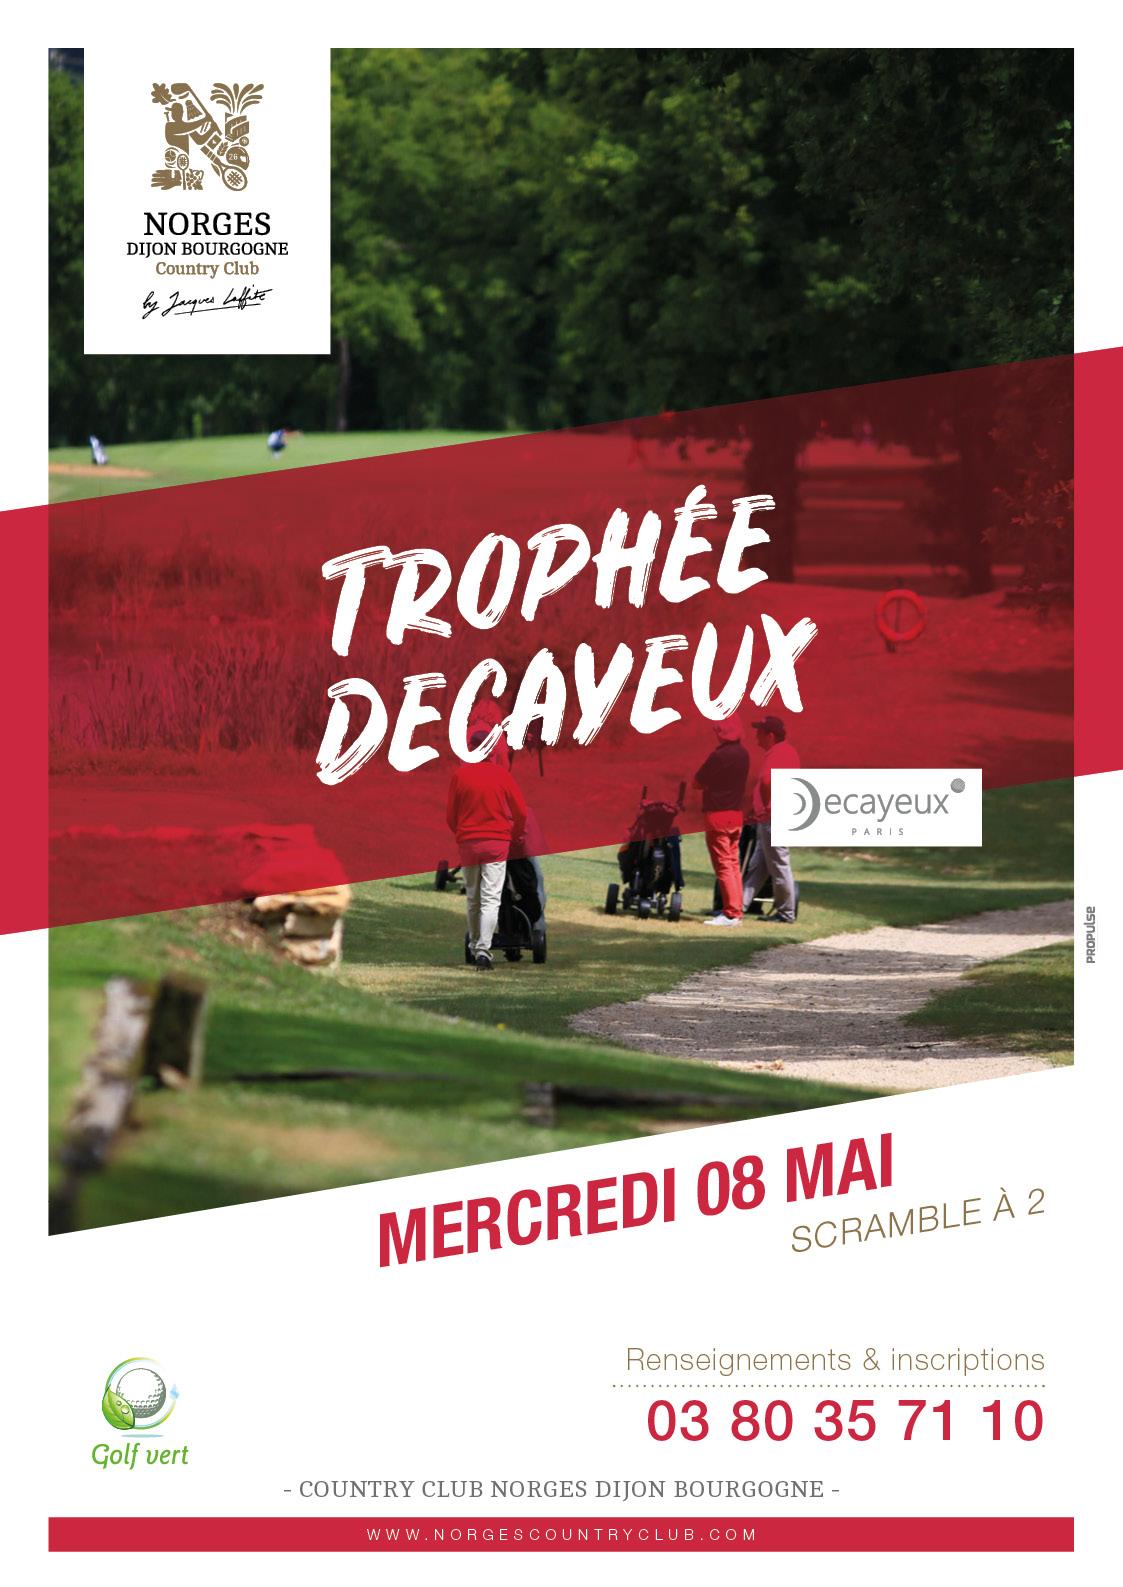 Trophée Decayeux